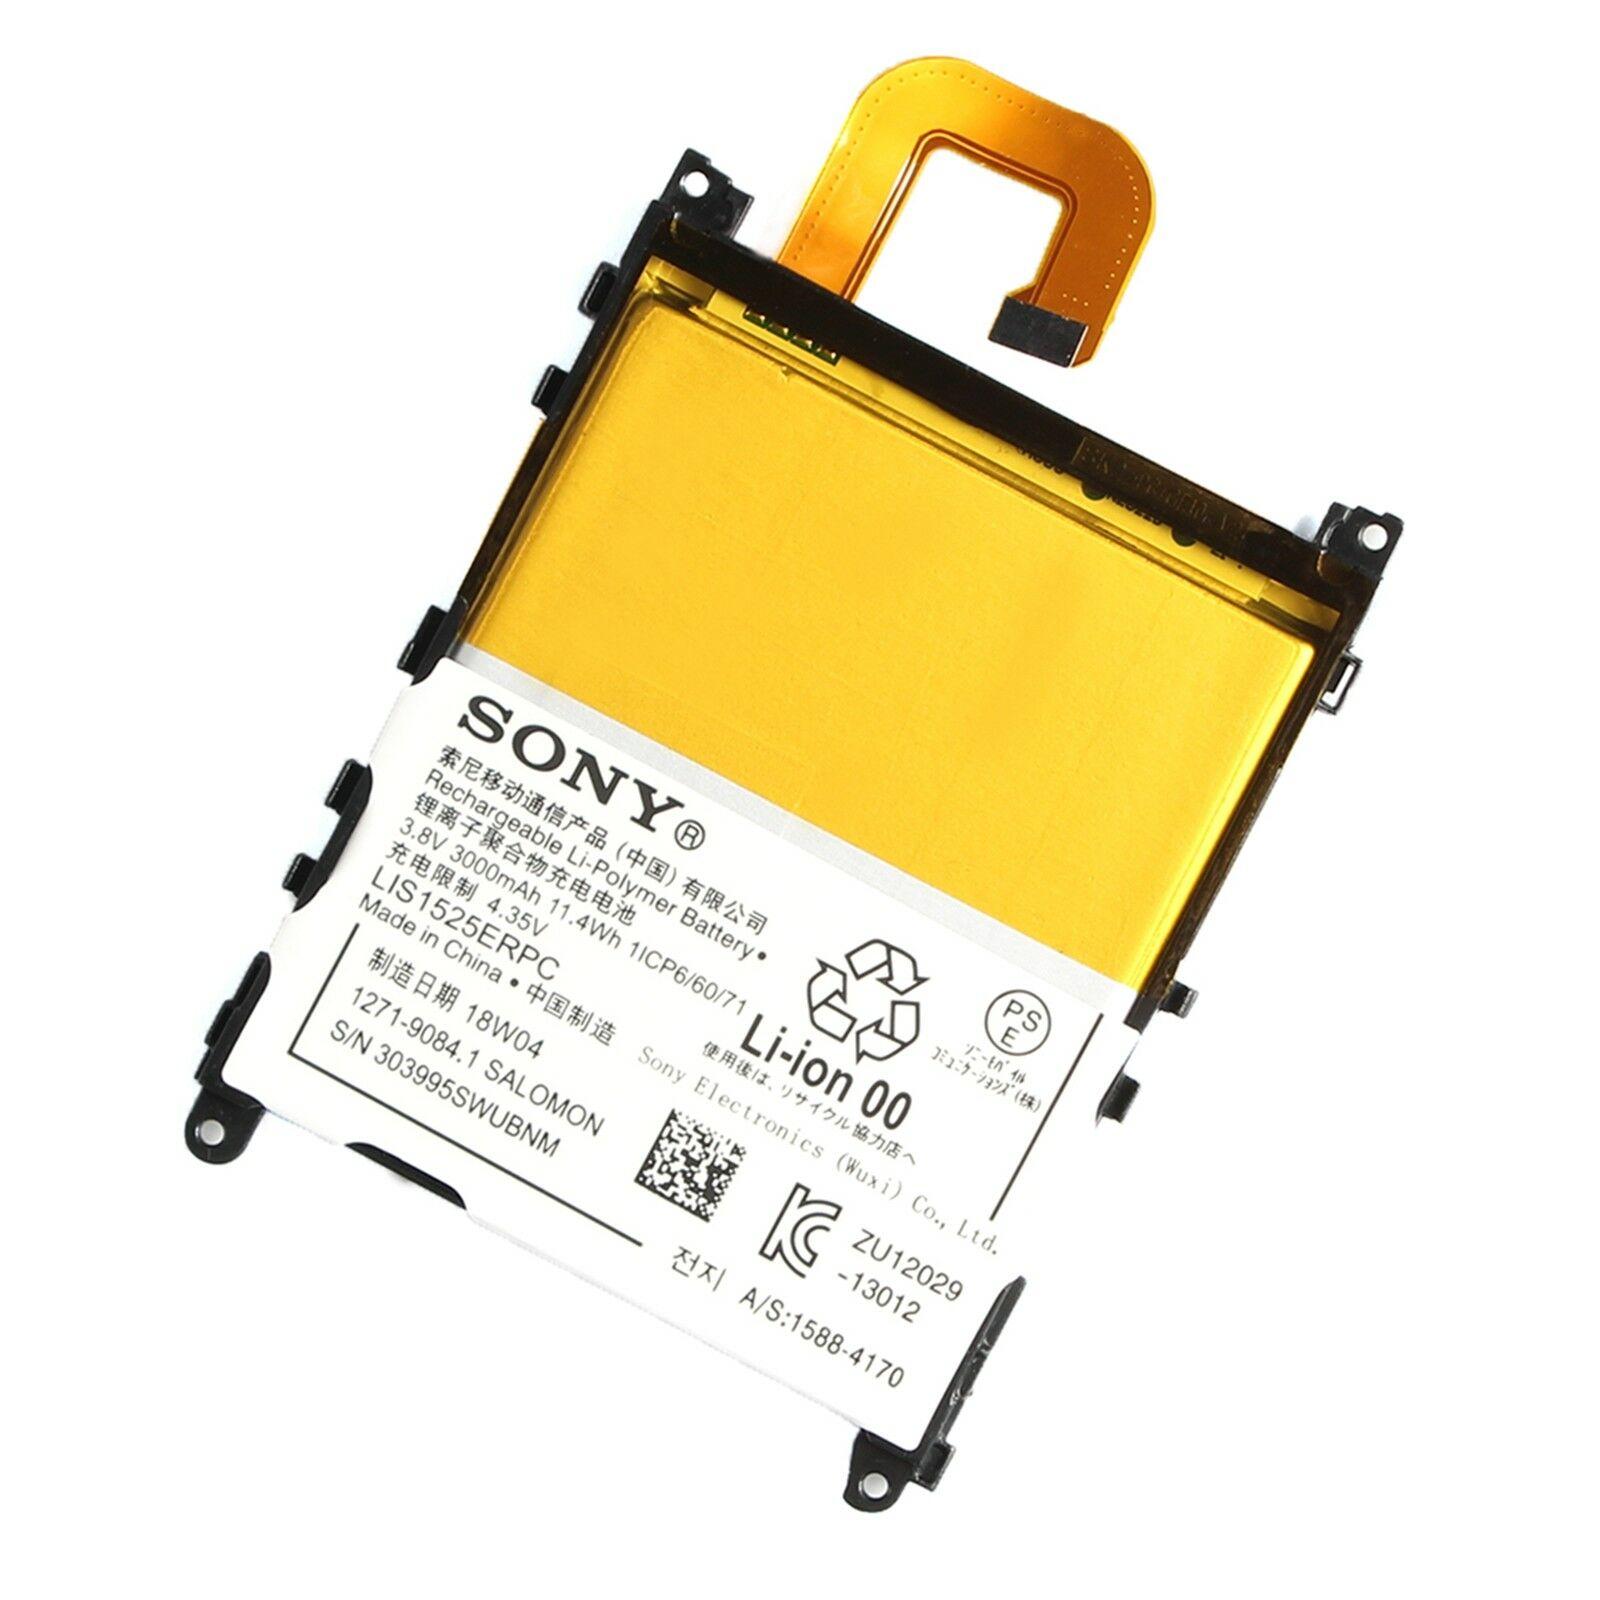 باتری-گوشی-موبایل-سونی-اکسپریا-زد-وان-هونامی-Sony-Xperia-Z1-Honami-C6903-3000mAh-LIS1525ERPC..jpg